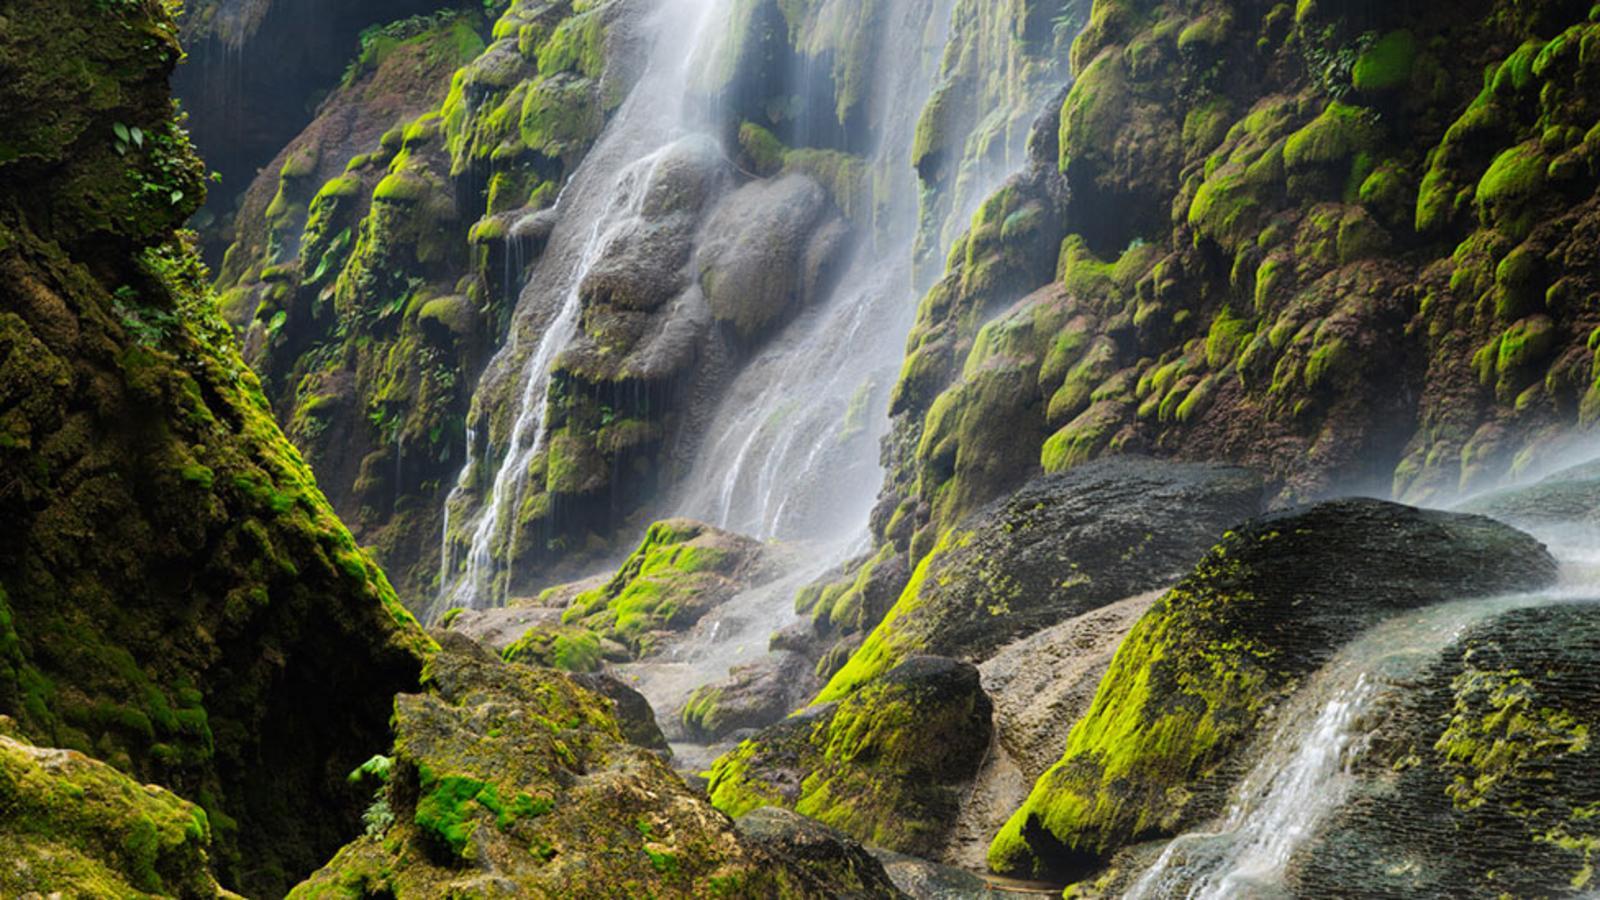 Wodospad Aguacero, Chiapas, Meksyk - fot. Floris van Breugel